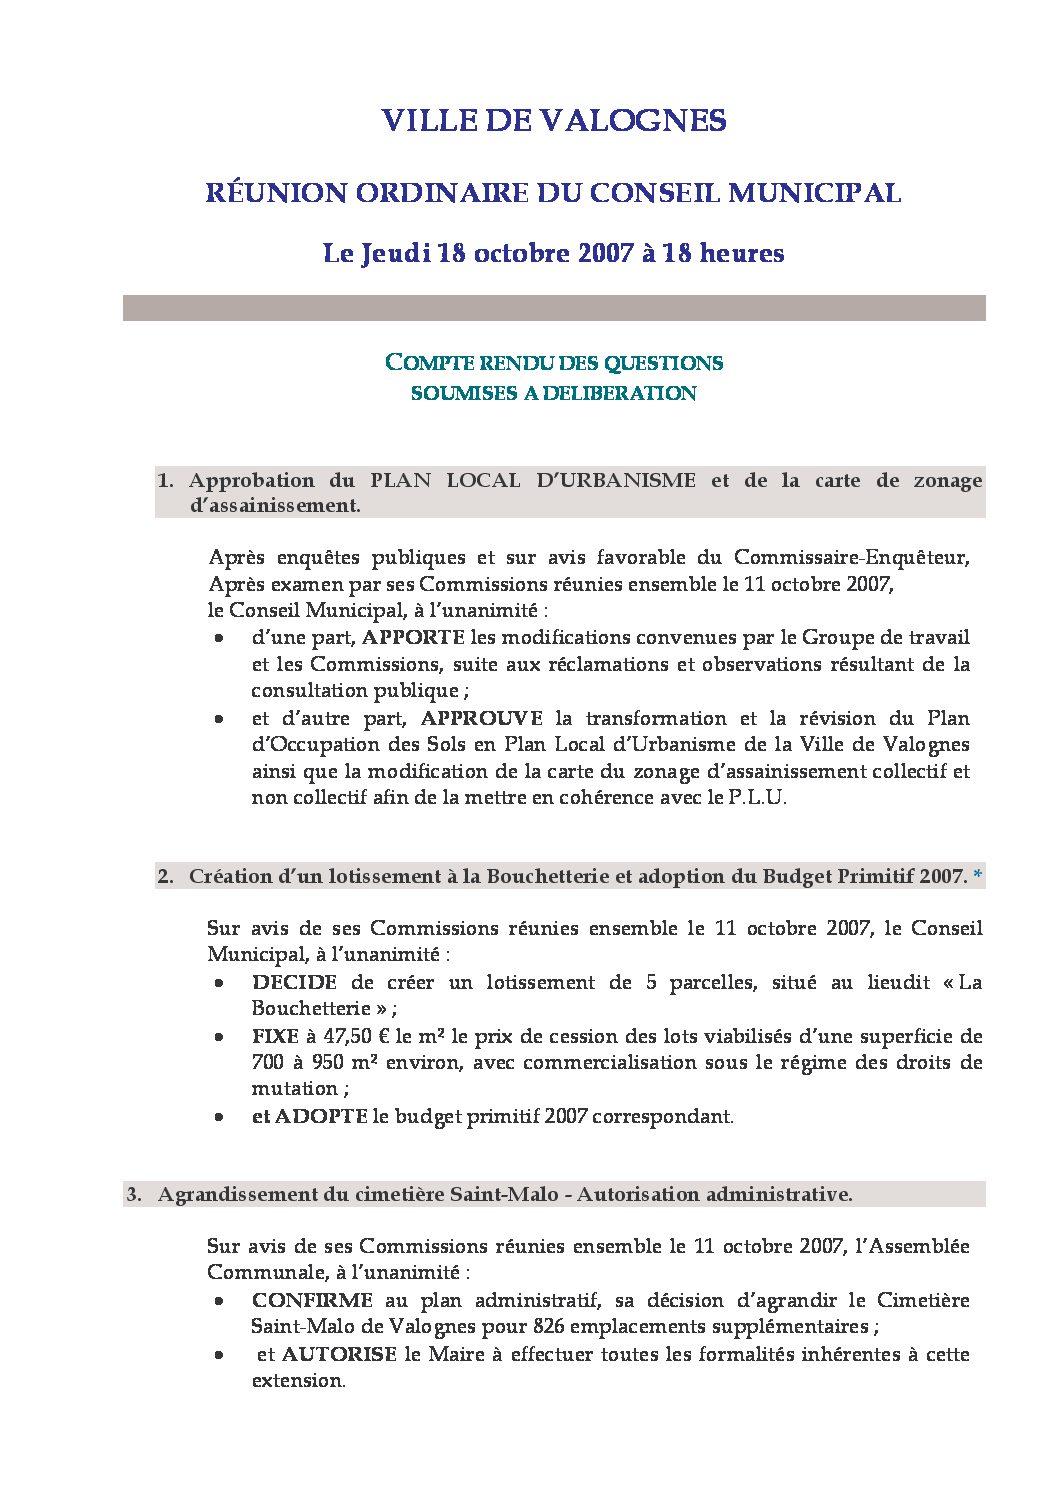 Extrait du registre des délibérations du 18-10-2007 - Compte rendu des questions soumises à délibération lors de la séance du Conseil Municipal du 18 octobre 2007.